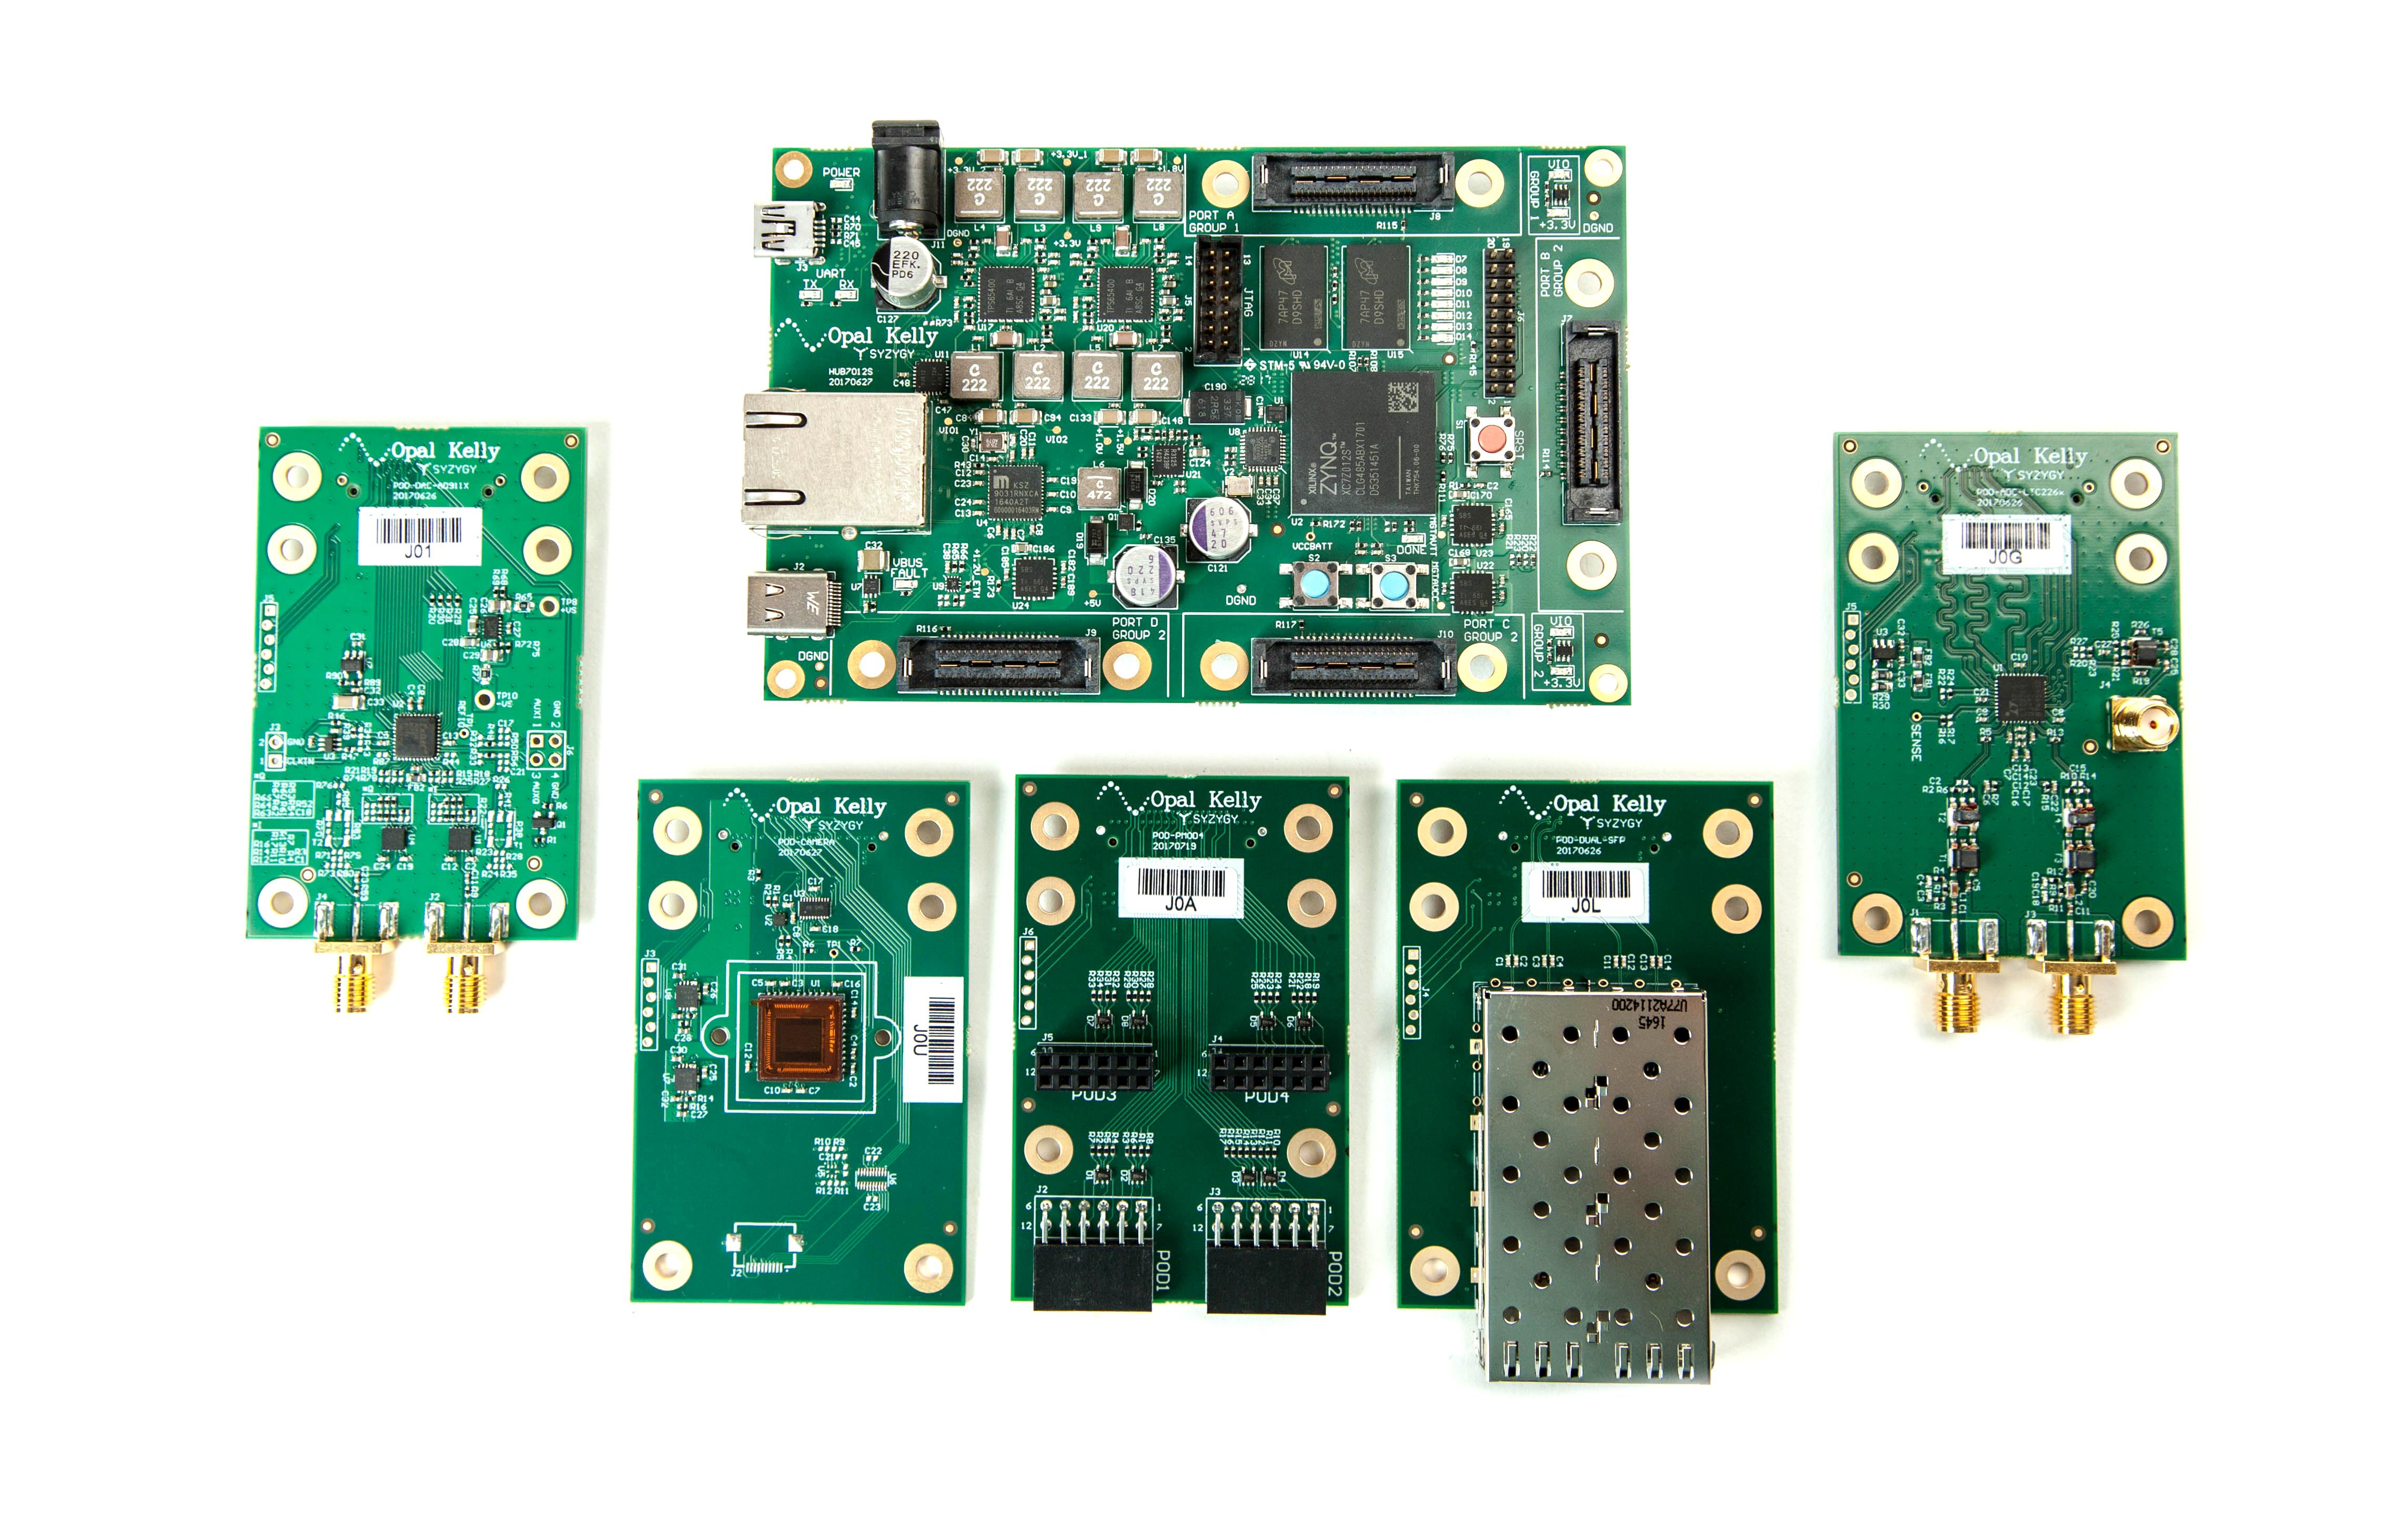 Opal Kelly Introduces SYZYGY Brain-1 - A Xilinx Zynq-based Platform